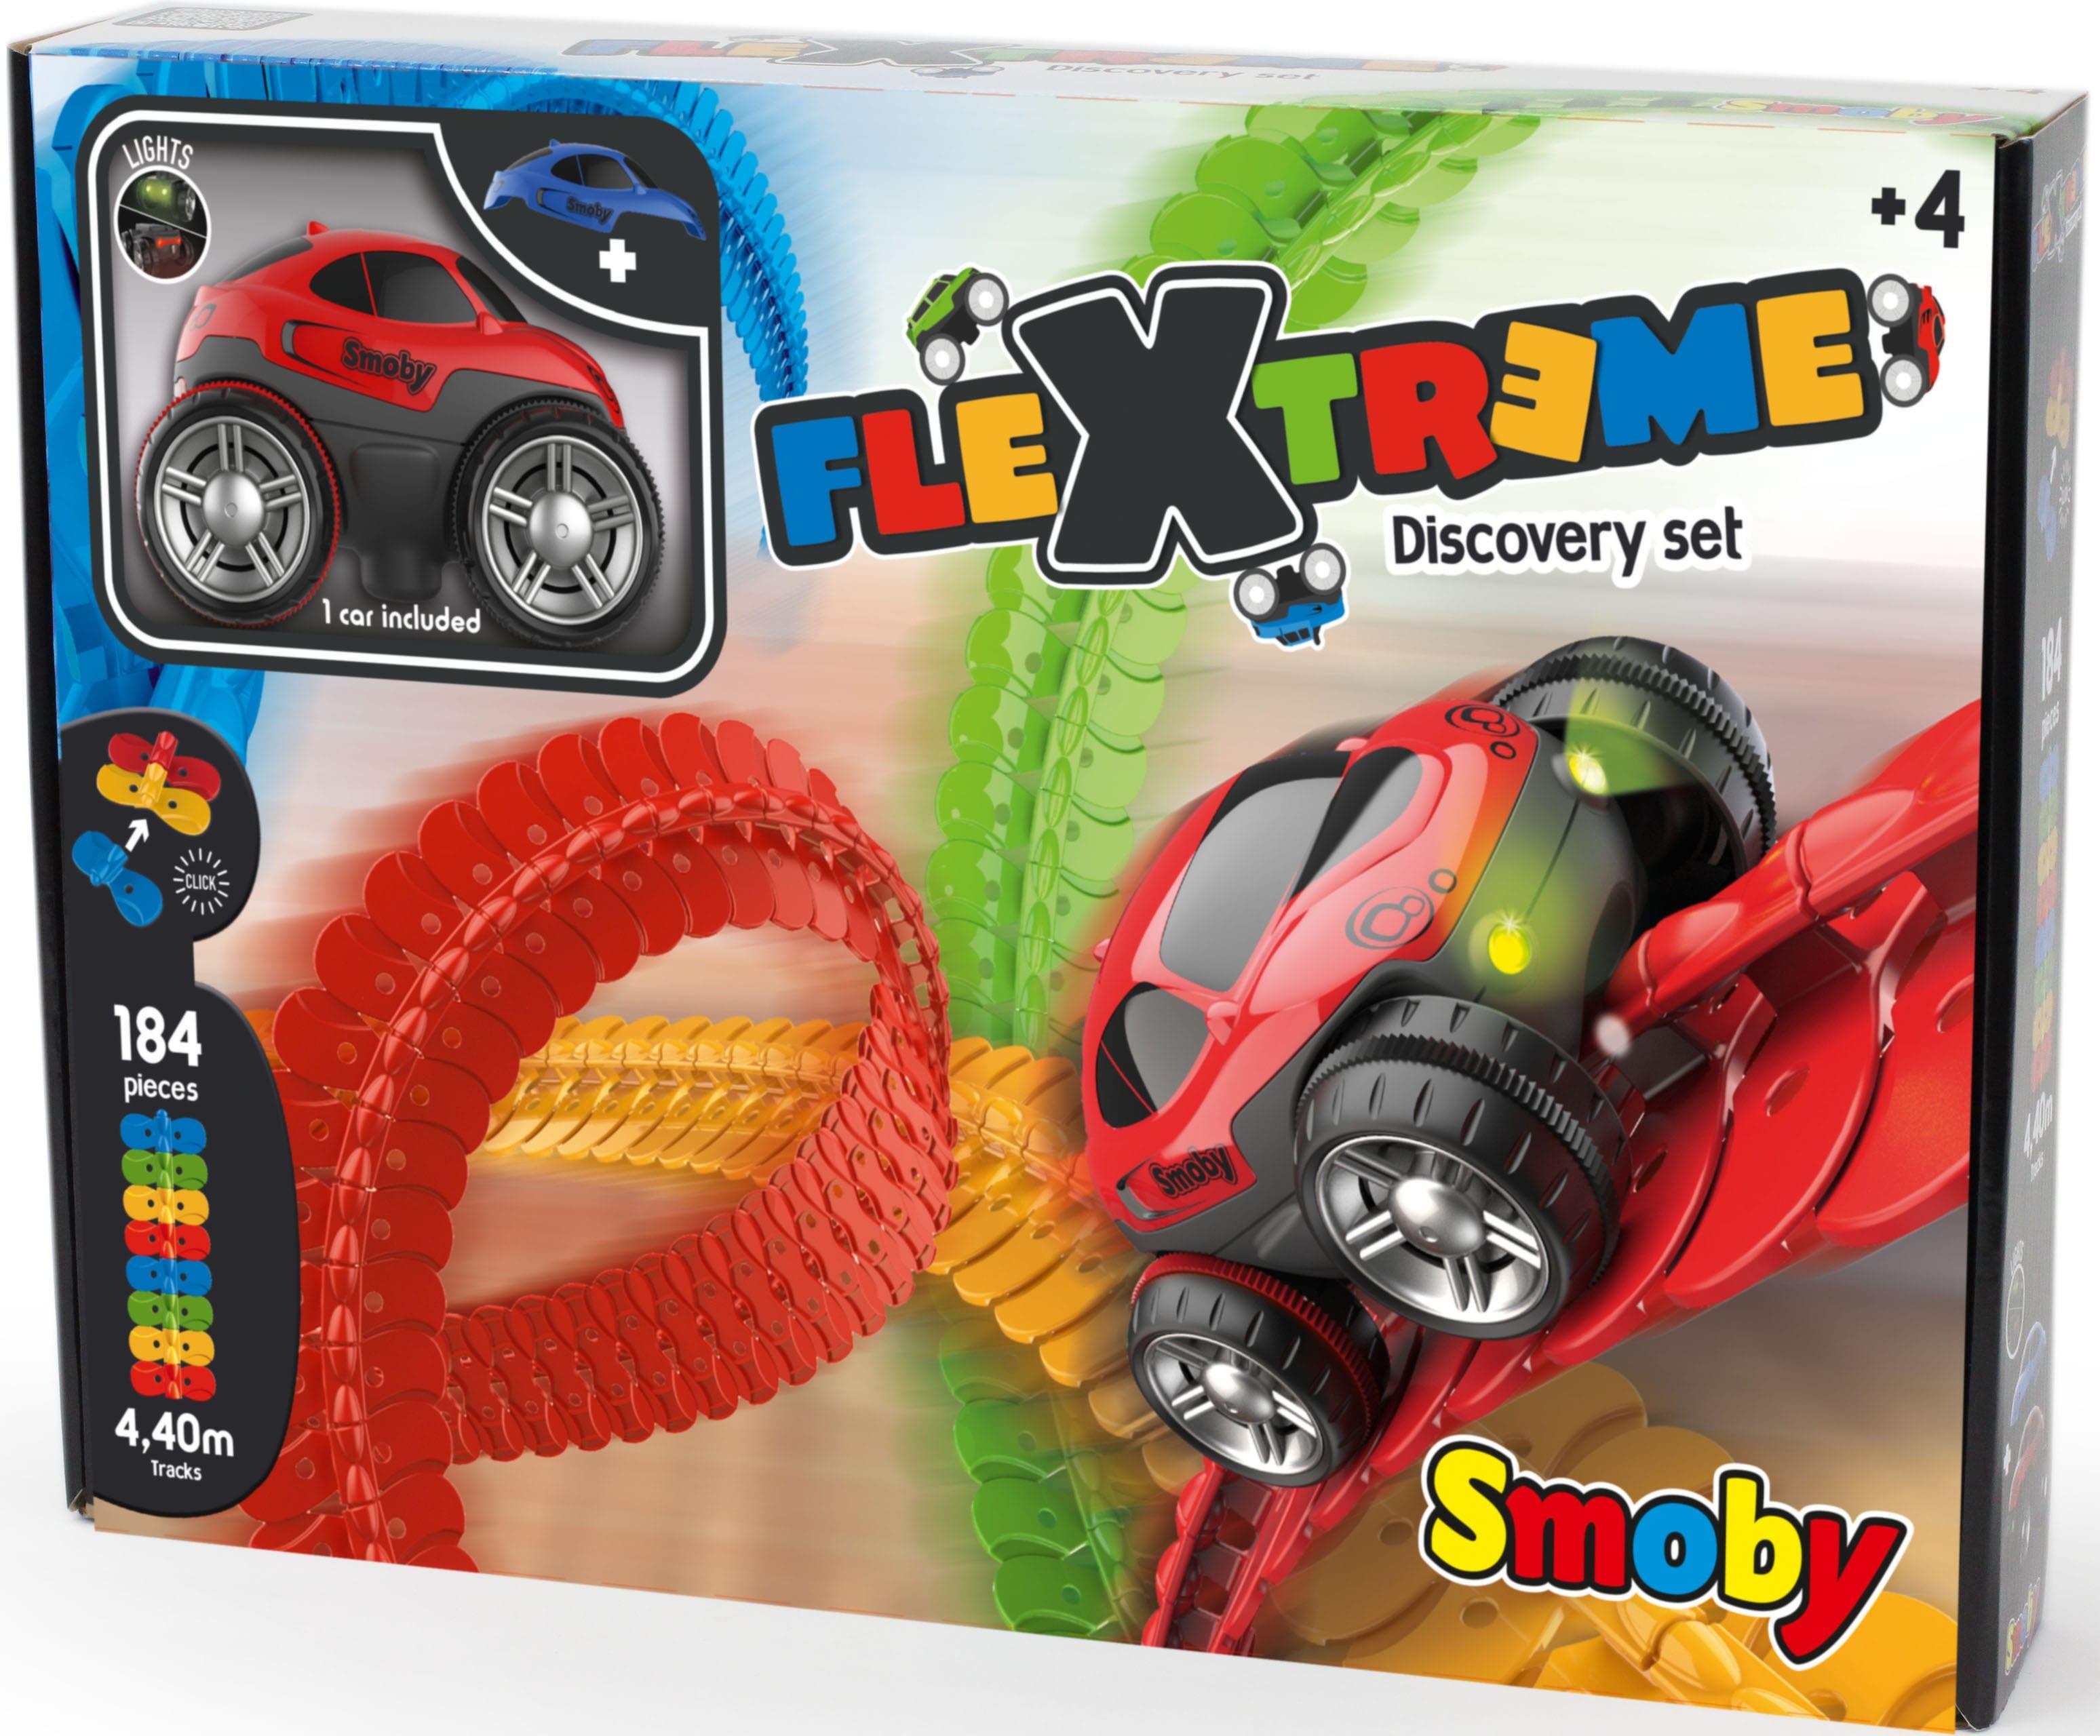 Smoby Autorennbahn Flextreme Starter-Set, (Set) bunt Kinder Autorennbahnen Autos, Eisenbahn Modellbau